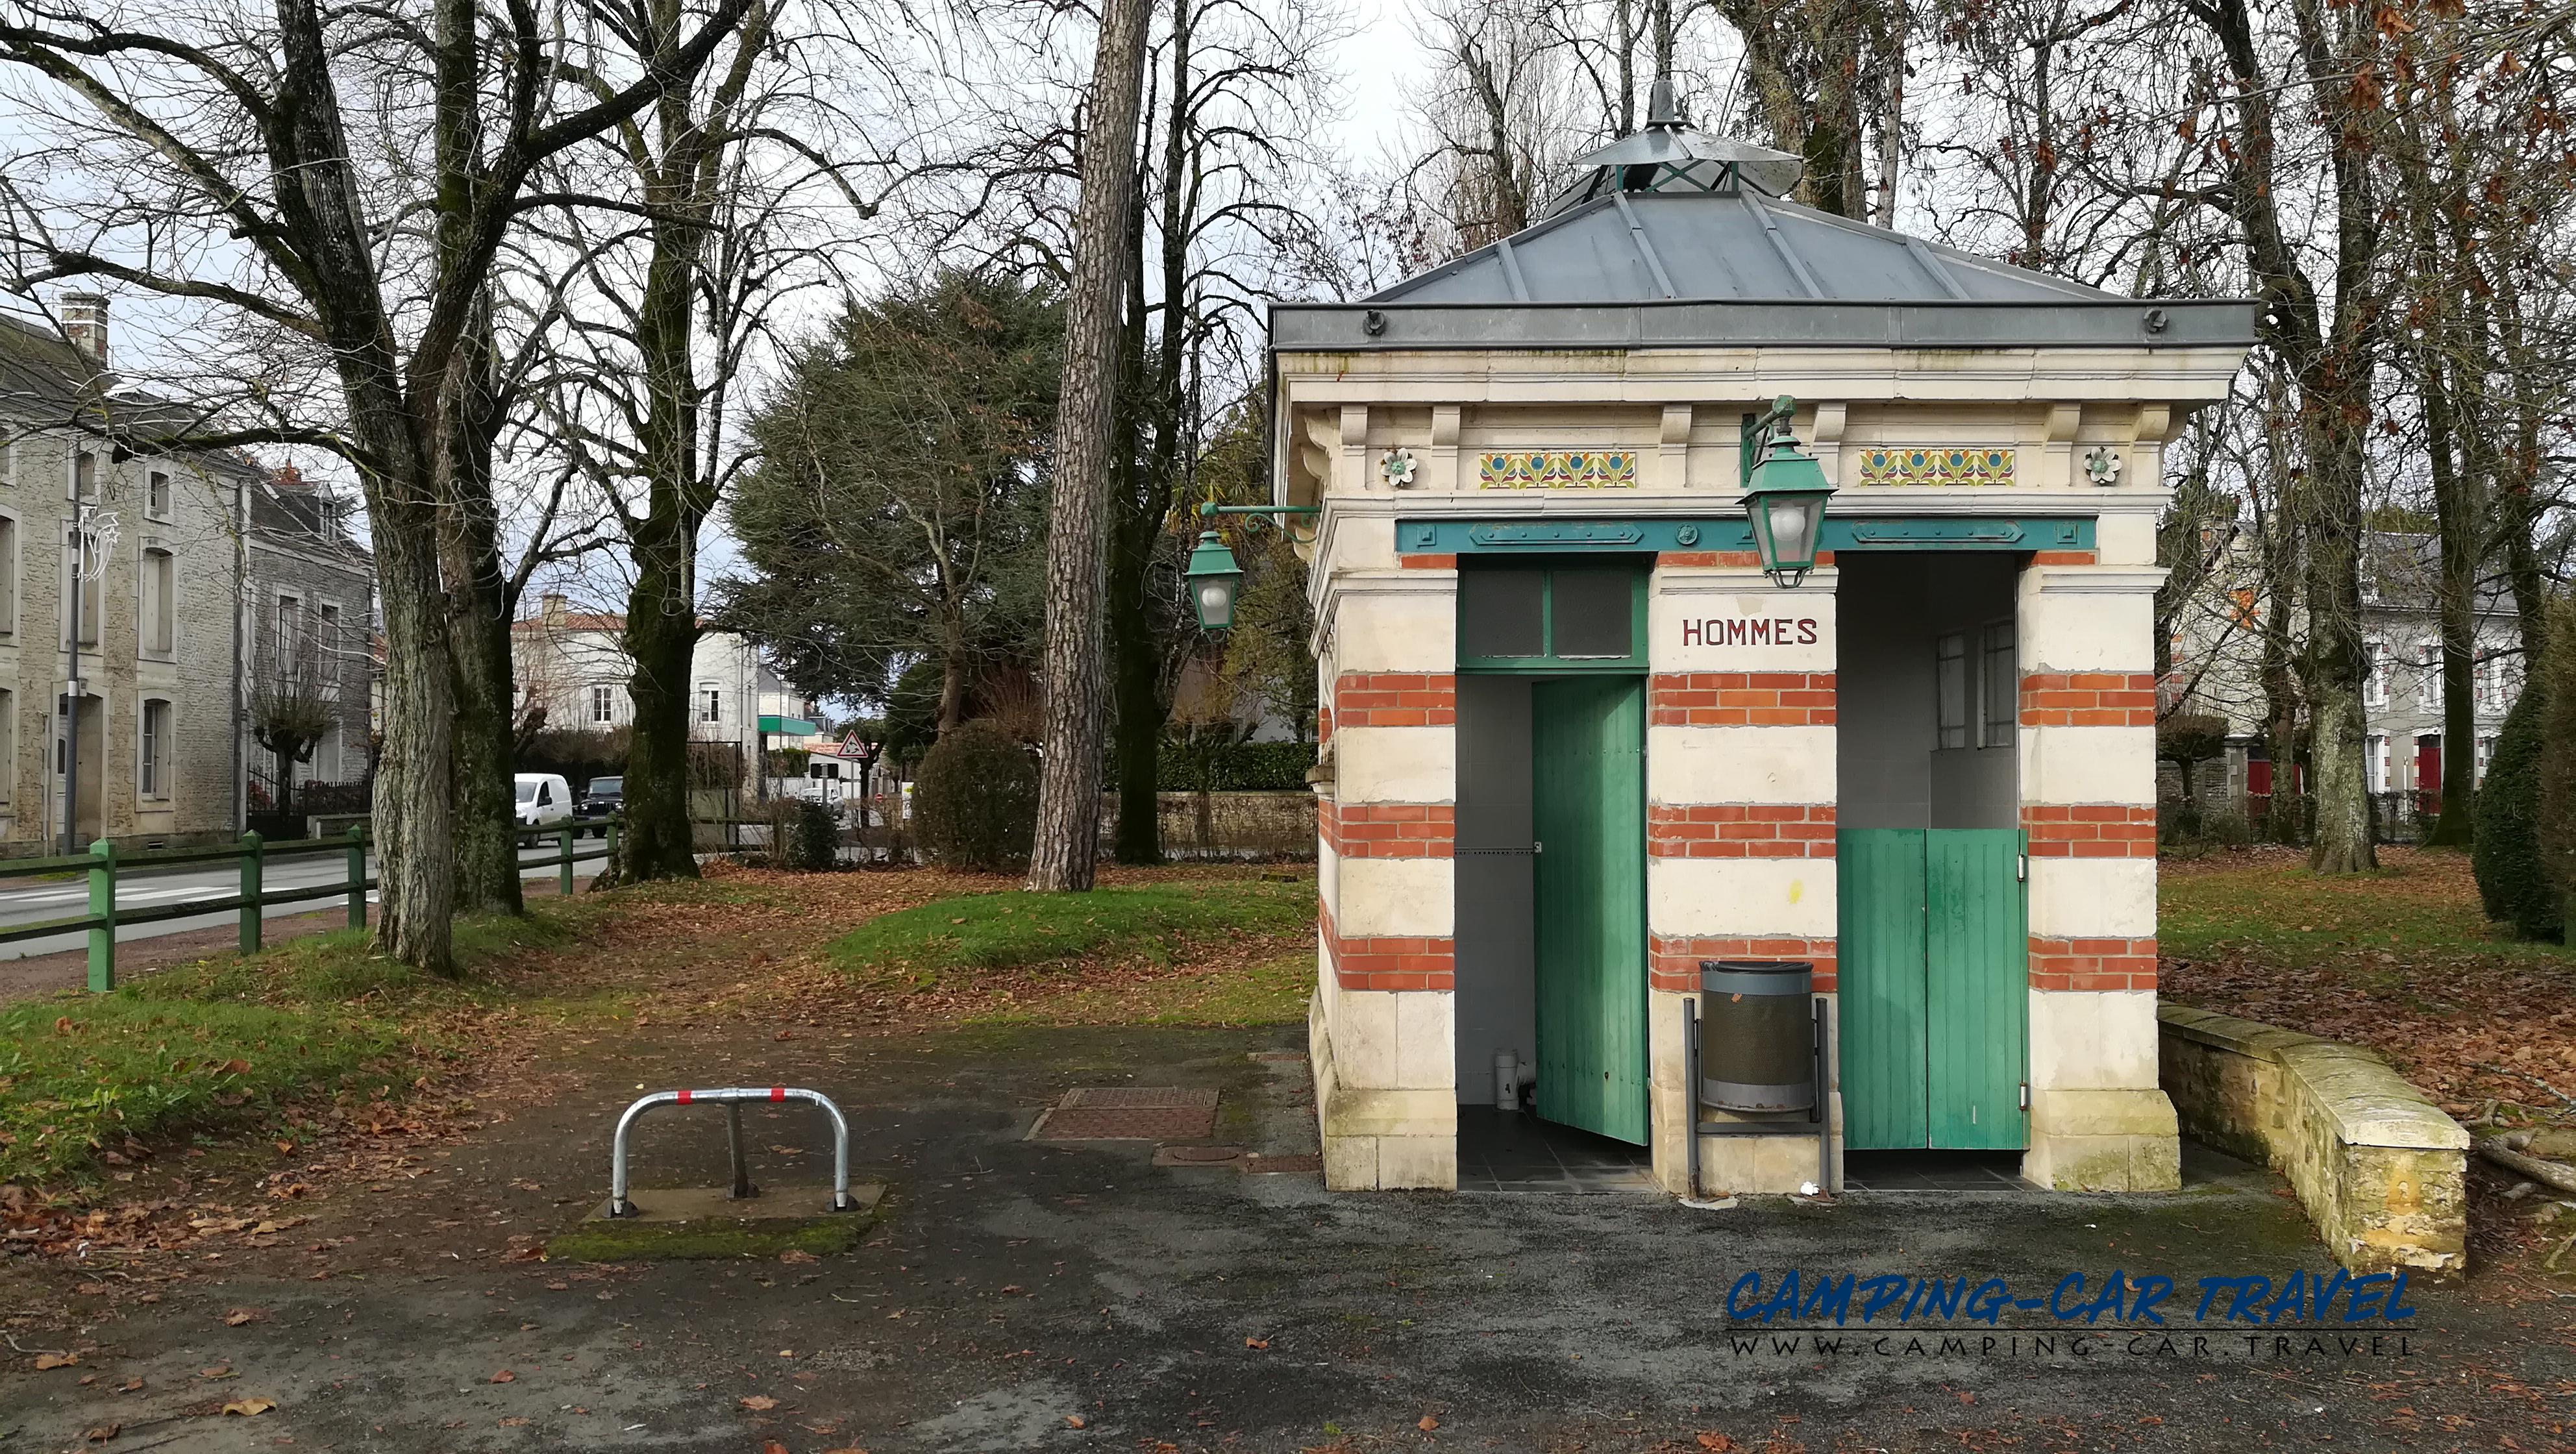 aire services camping car Coulonges-sur-L'Autize Deux-Sèvres Poitou-Charente